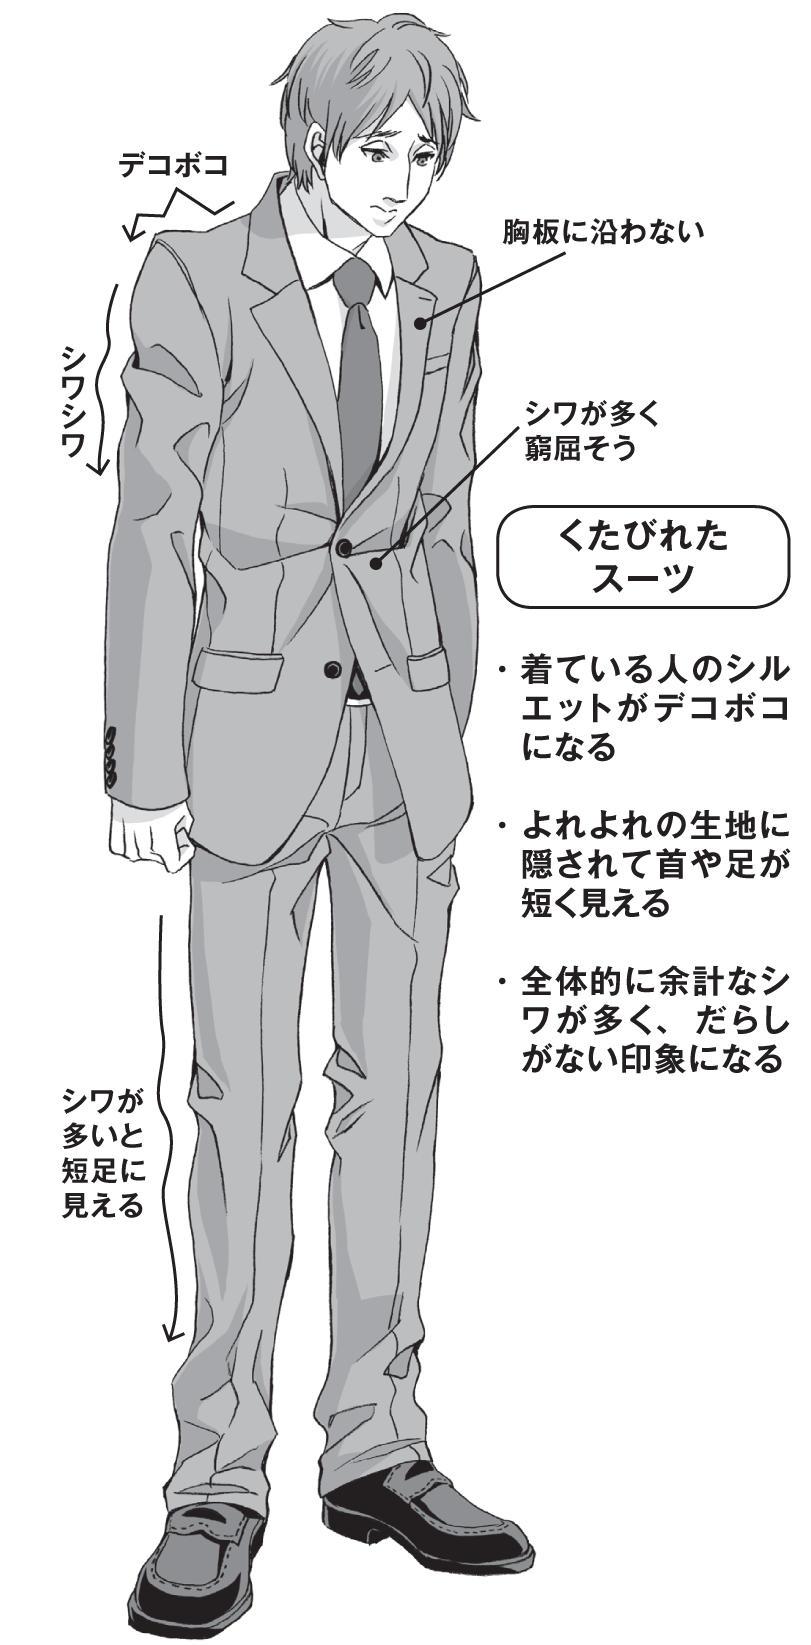 スーツ男子の描き方講座男を100倍カッコよく見せるスーツの秘密